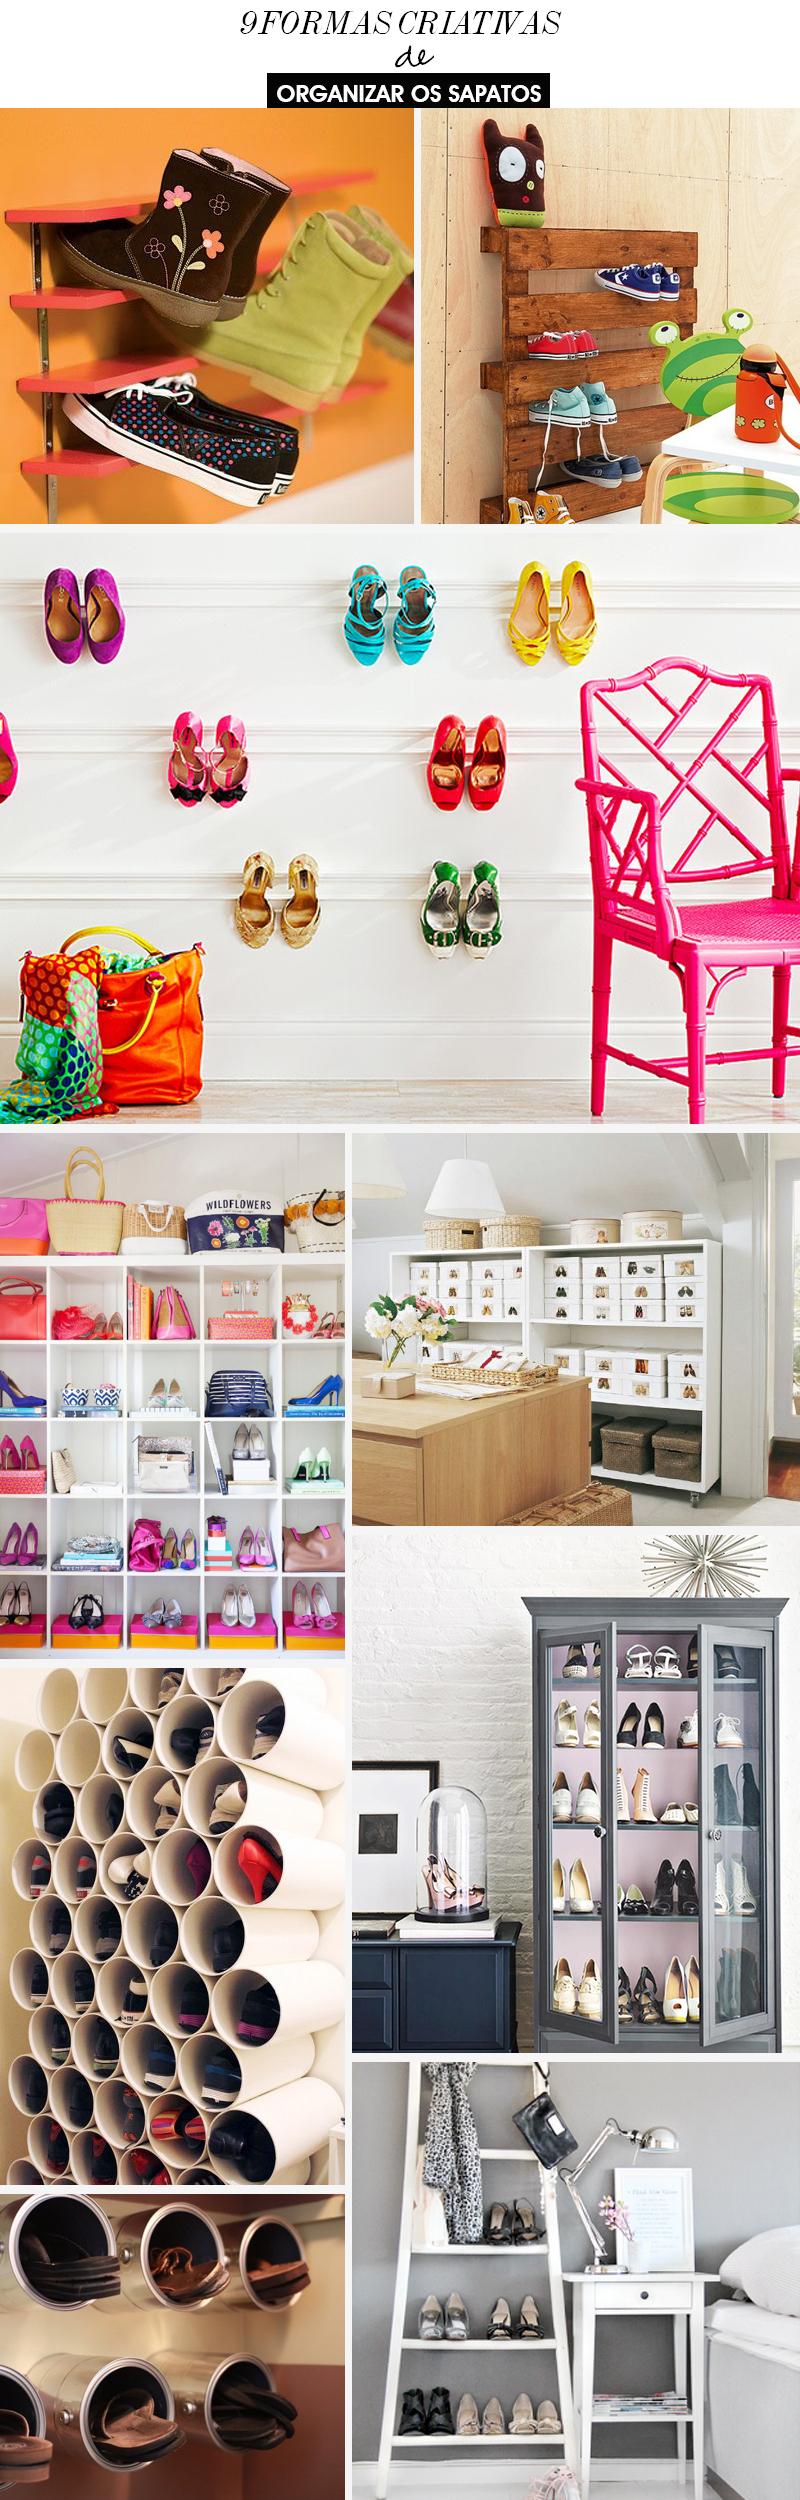 9 formas criativas para você organizar os sapatos